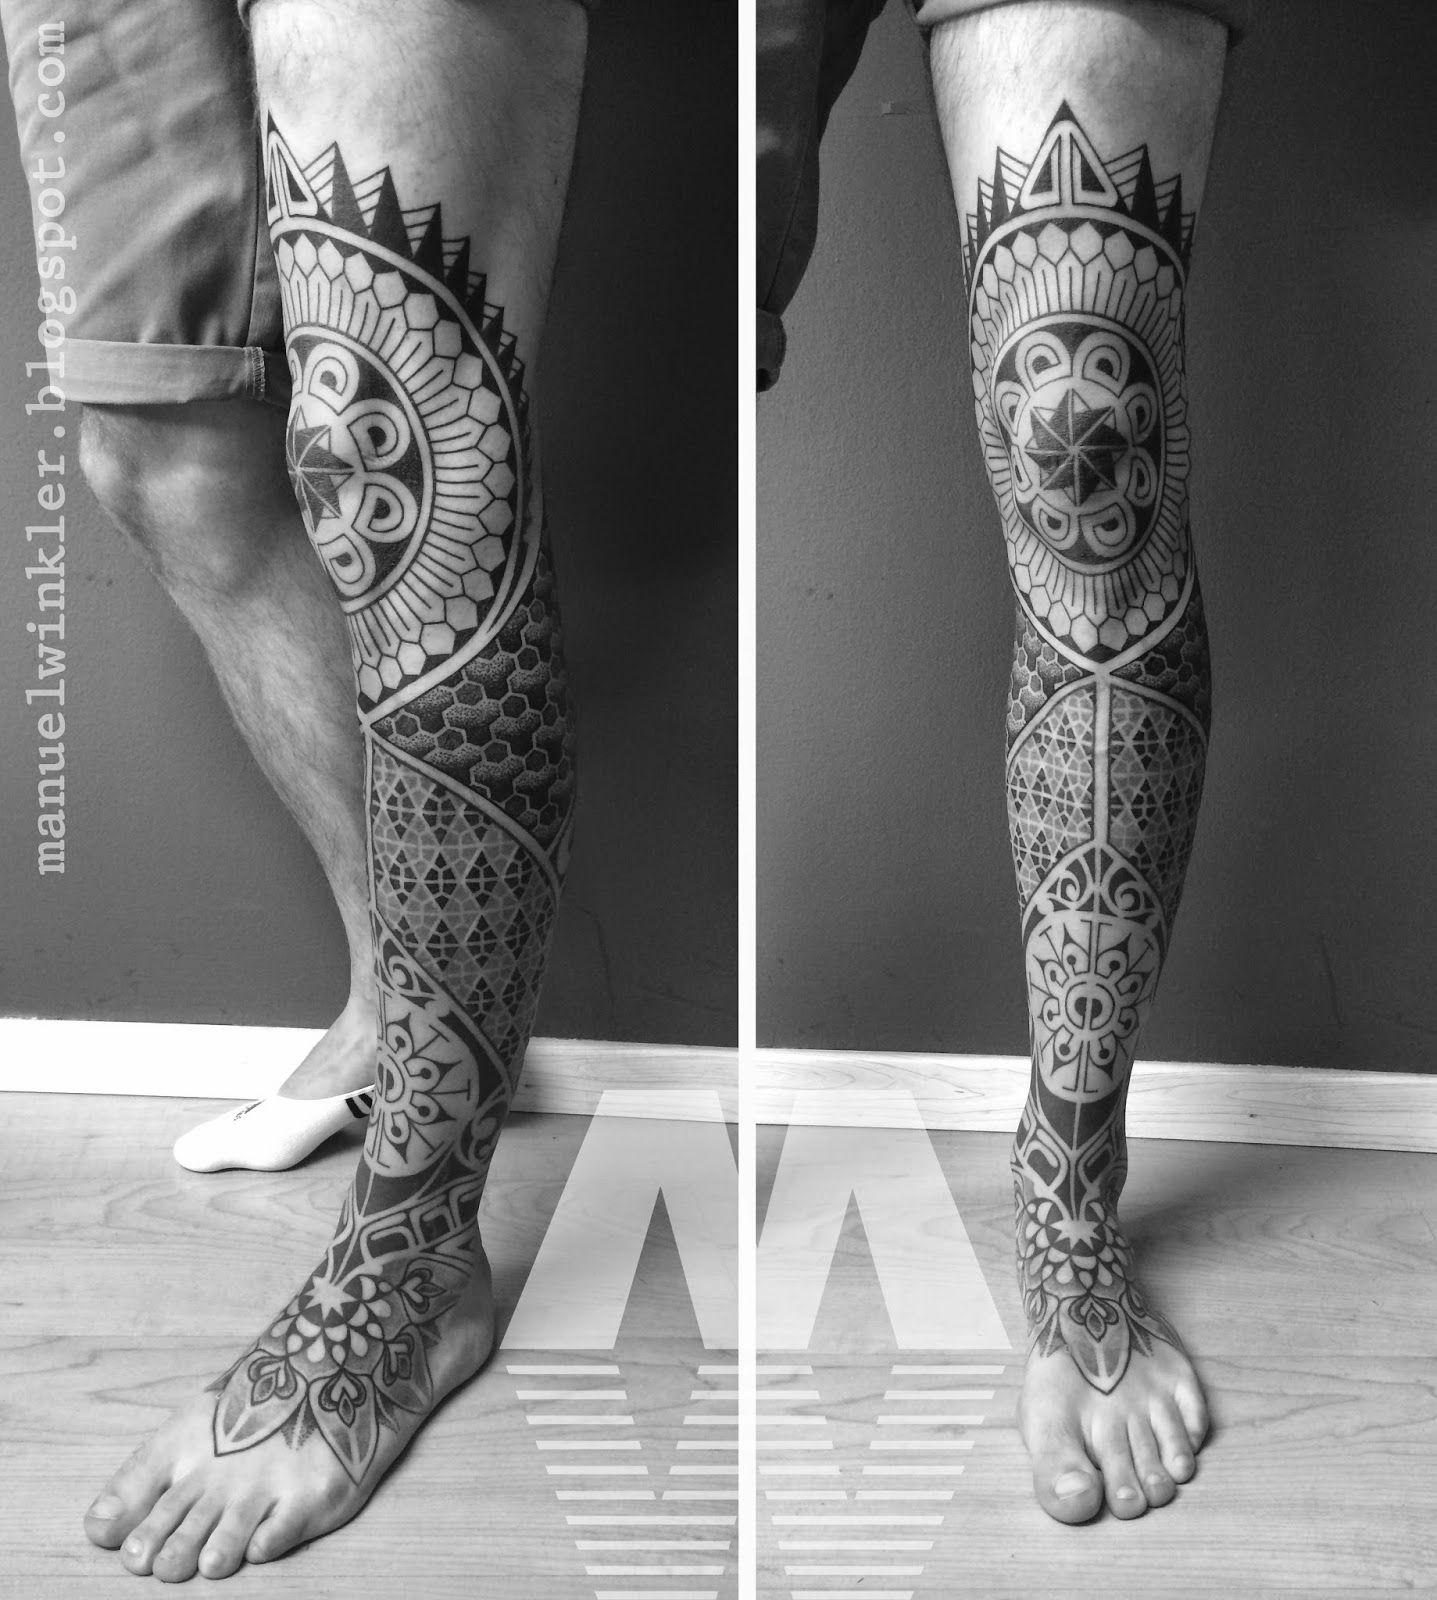 Manuel Winkler Black Dotwork Tattoos Leg Tattoos Leg Sleeve Tattoo Knee Tattoo